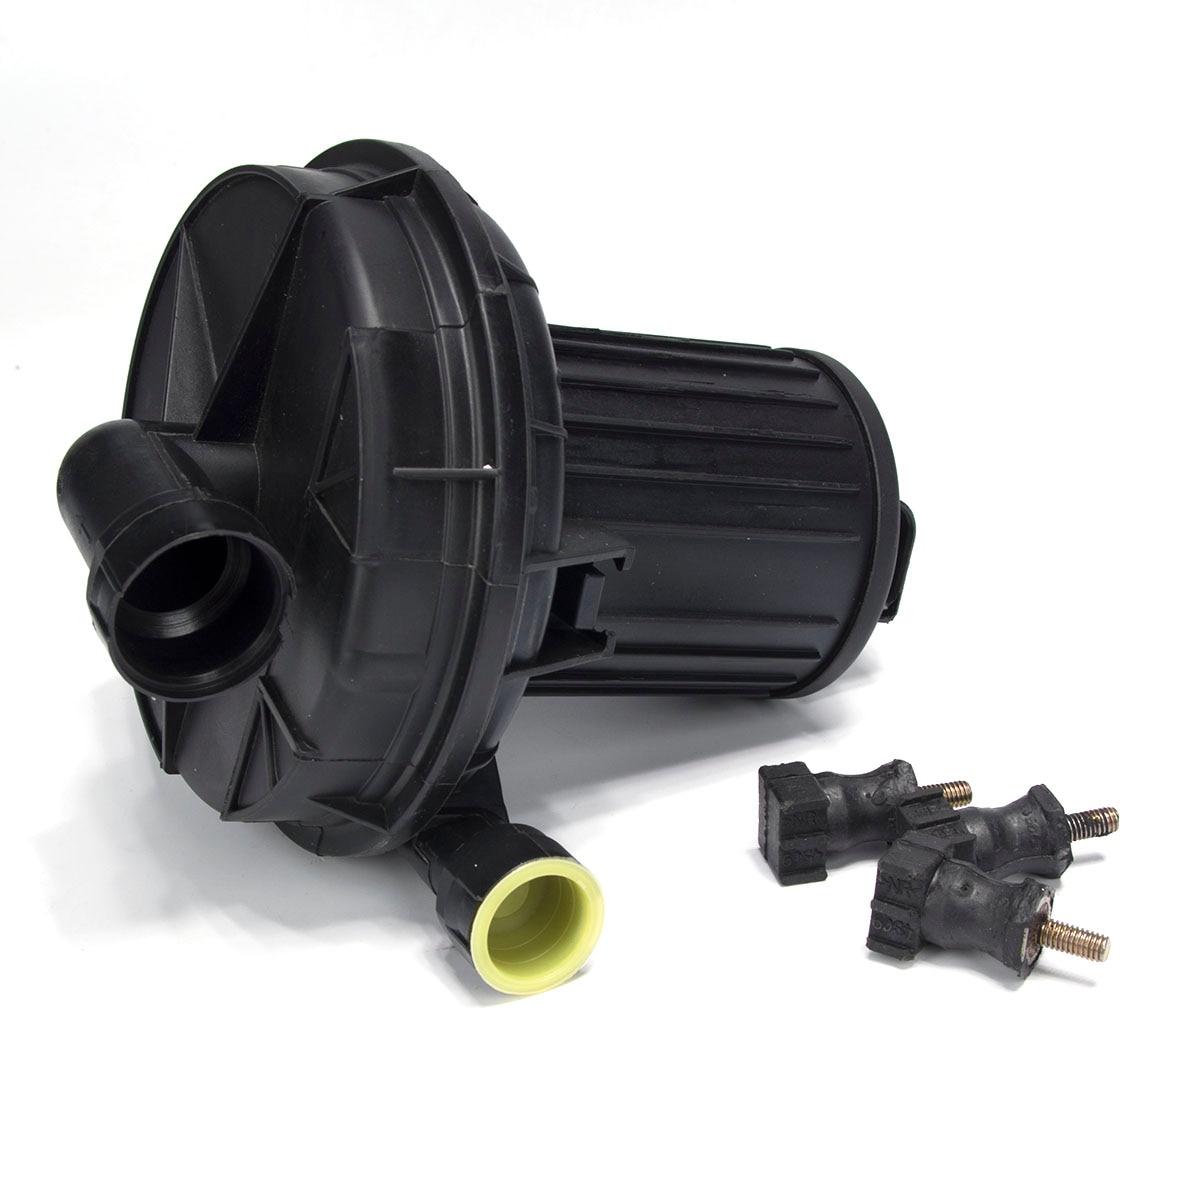 Smog Auxiliaire Pompe a Air Secondaire Pour le Scarabée de VW Golf Jetta Passat 1.8 t 2.0 2.8